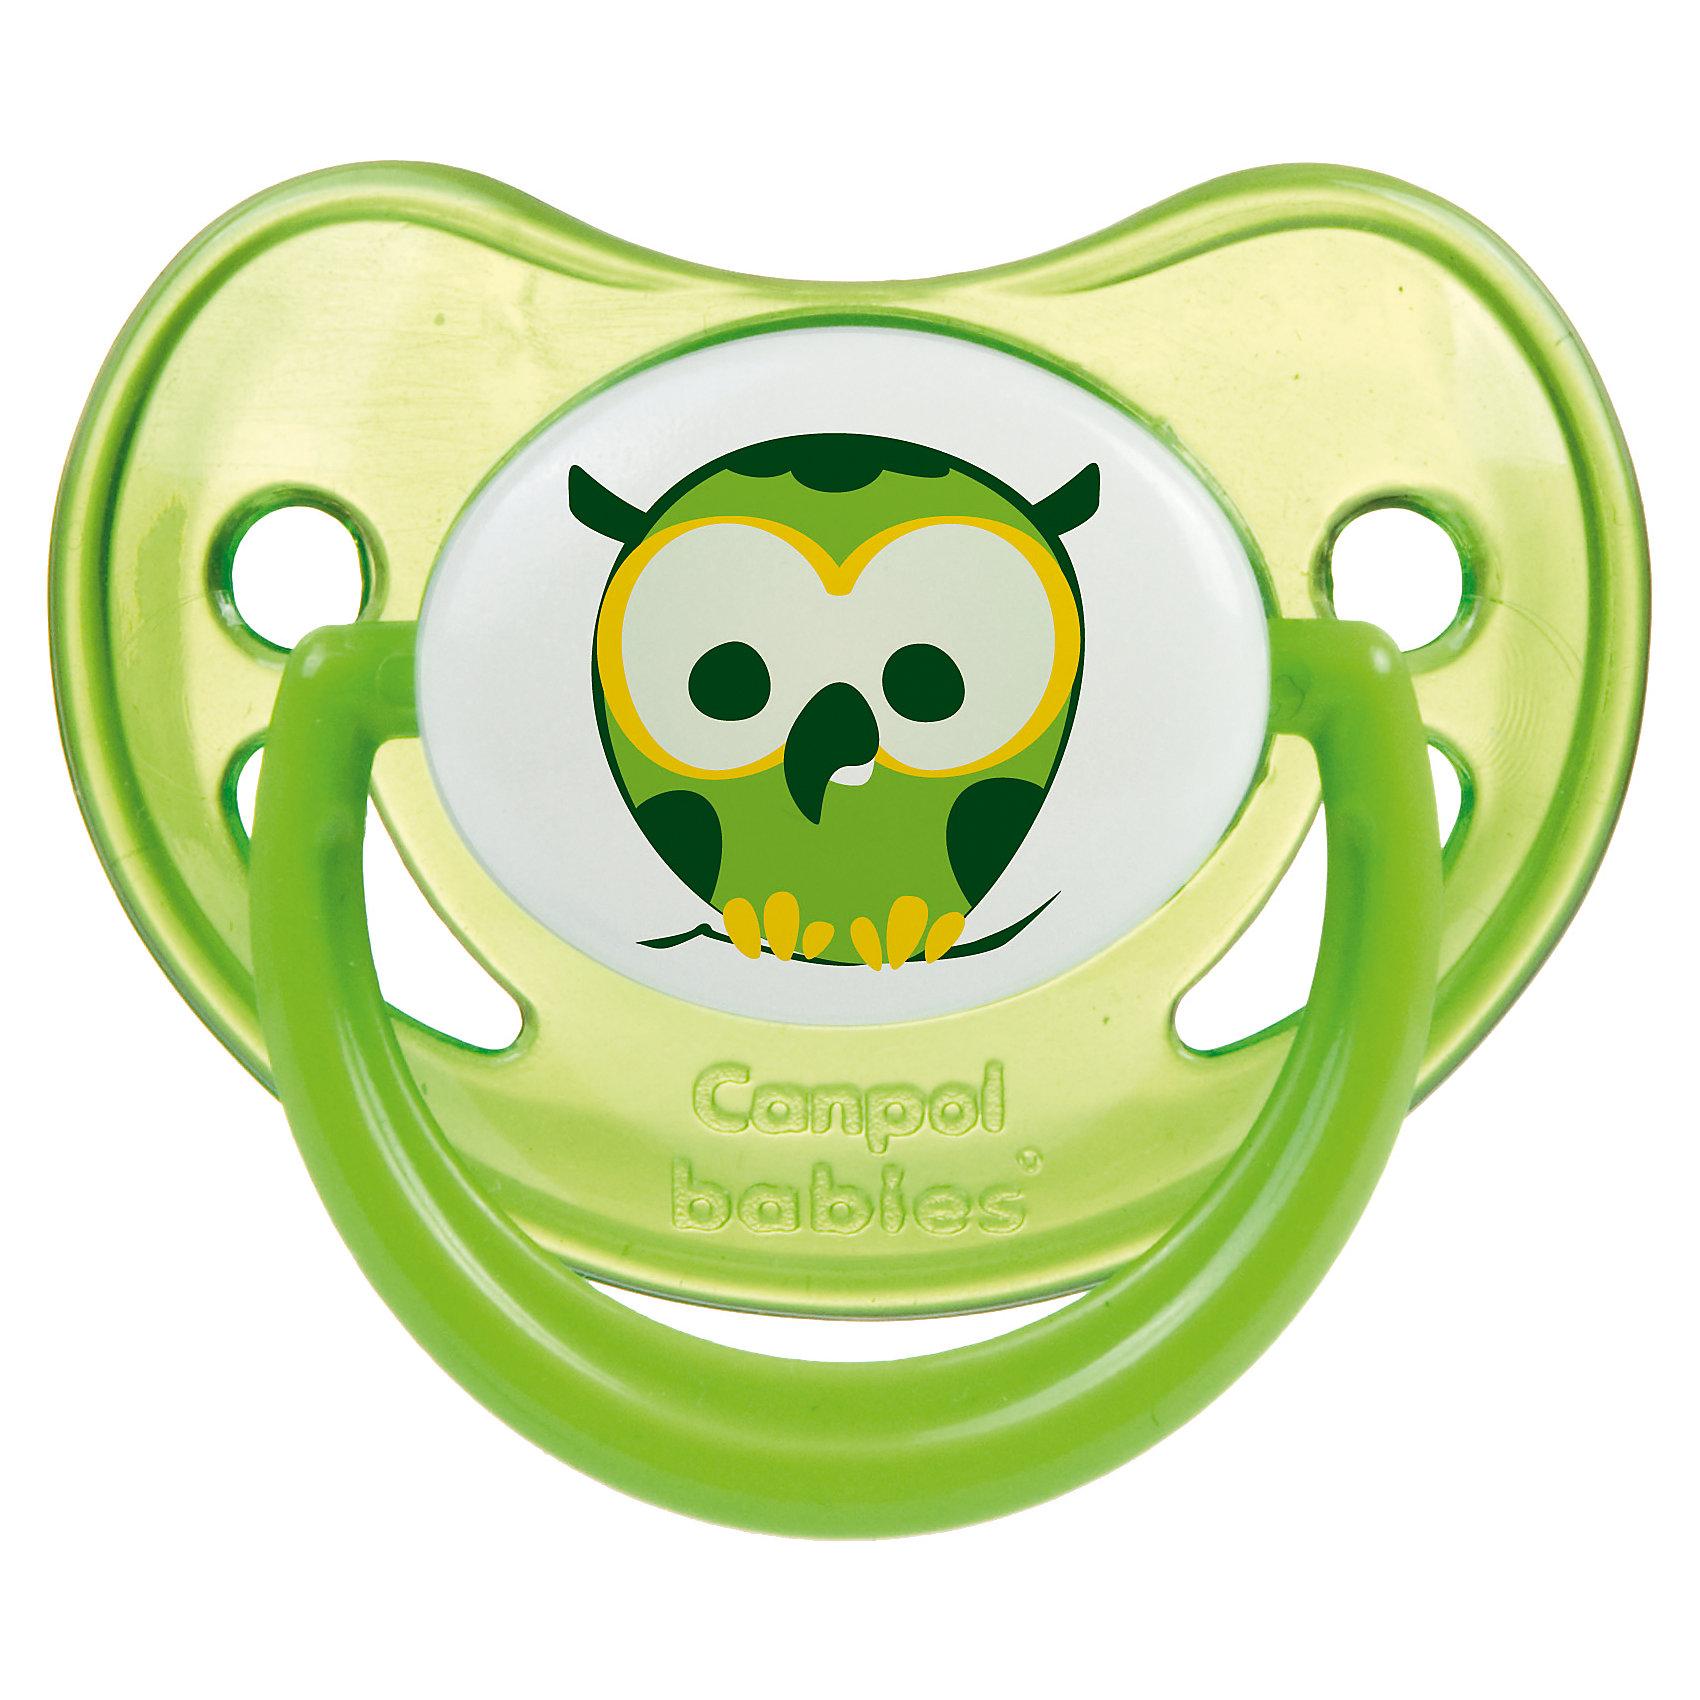 Пустышка анатомическая силиконовая, 0-6 Night Dreams, Canpol Babies, зеленыйХарактеристики:<br><br>• Наименование: пустышка<br>• Пол: универсальный<br>• Материал: силикон, пластик<br>• Цвет: зеленый, белый<br>• Форма: анатомическая<br>• Наличие отверстий для вентиляции<br>• Наличие кольца для держателя<br>• Особенности ухода: регулярная стерилизация и своевременная замена<br><br>Пустышка анатомическая силиконовая, 0-6 Night Dreams, Canpol Babies, зеленый имеет специальную форму, которая обеспечивает правильное давление на небо. Изготовлена из запатентованного вида силикона, который не имеет запаха. При правильном уходе обеспечивает длительное использование. У соски имеется классический ограничитель с отверстиями для вентиляции и кольцо для держателя, которое светится в темноте. Пустышка анатомическая силиконовая, 0-6 Night Dreams, Canpol Babies, зеленый выполнена в ярком дизайне с изображением совушки.<br><br>Пустышку анатомическую силиконовую, 0-6 Night Dreams, Canpol Babies, зеленую можно купить в нашем интернет-магазине.<br><br>Ширина мм: 95<br>Глубина мм: 45<br>Высота мм: 155<br>Вес г: 110<br>Возраст от месяцев: 0<br>Возраст до месяцев: 6<br>Пол: Унисекс<br>Возраст: Детский<br>SKU: 5156609